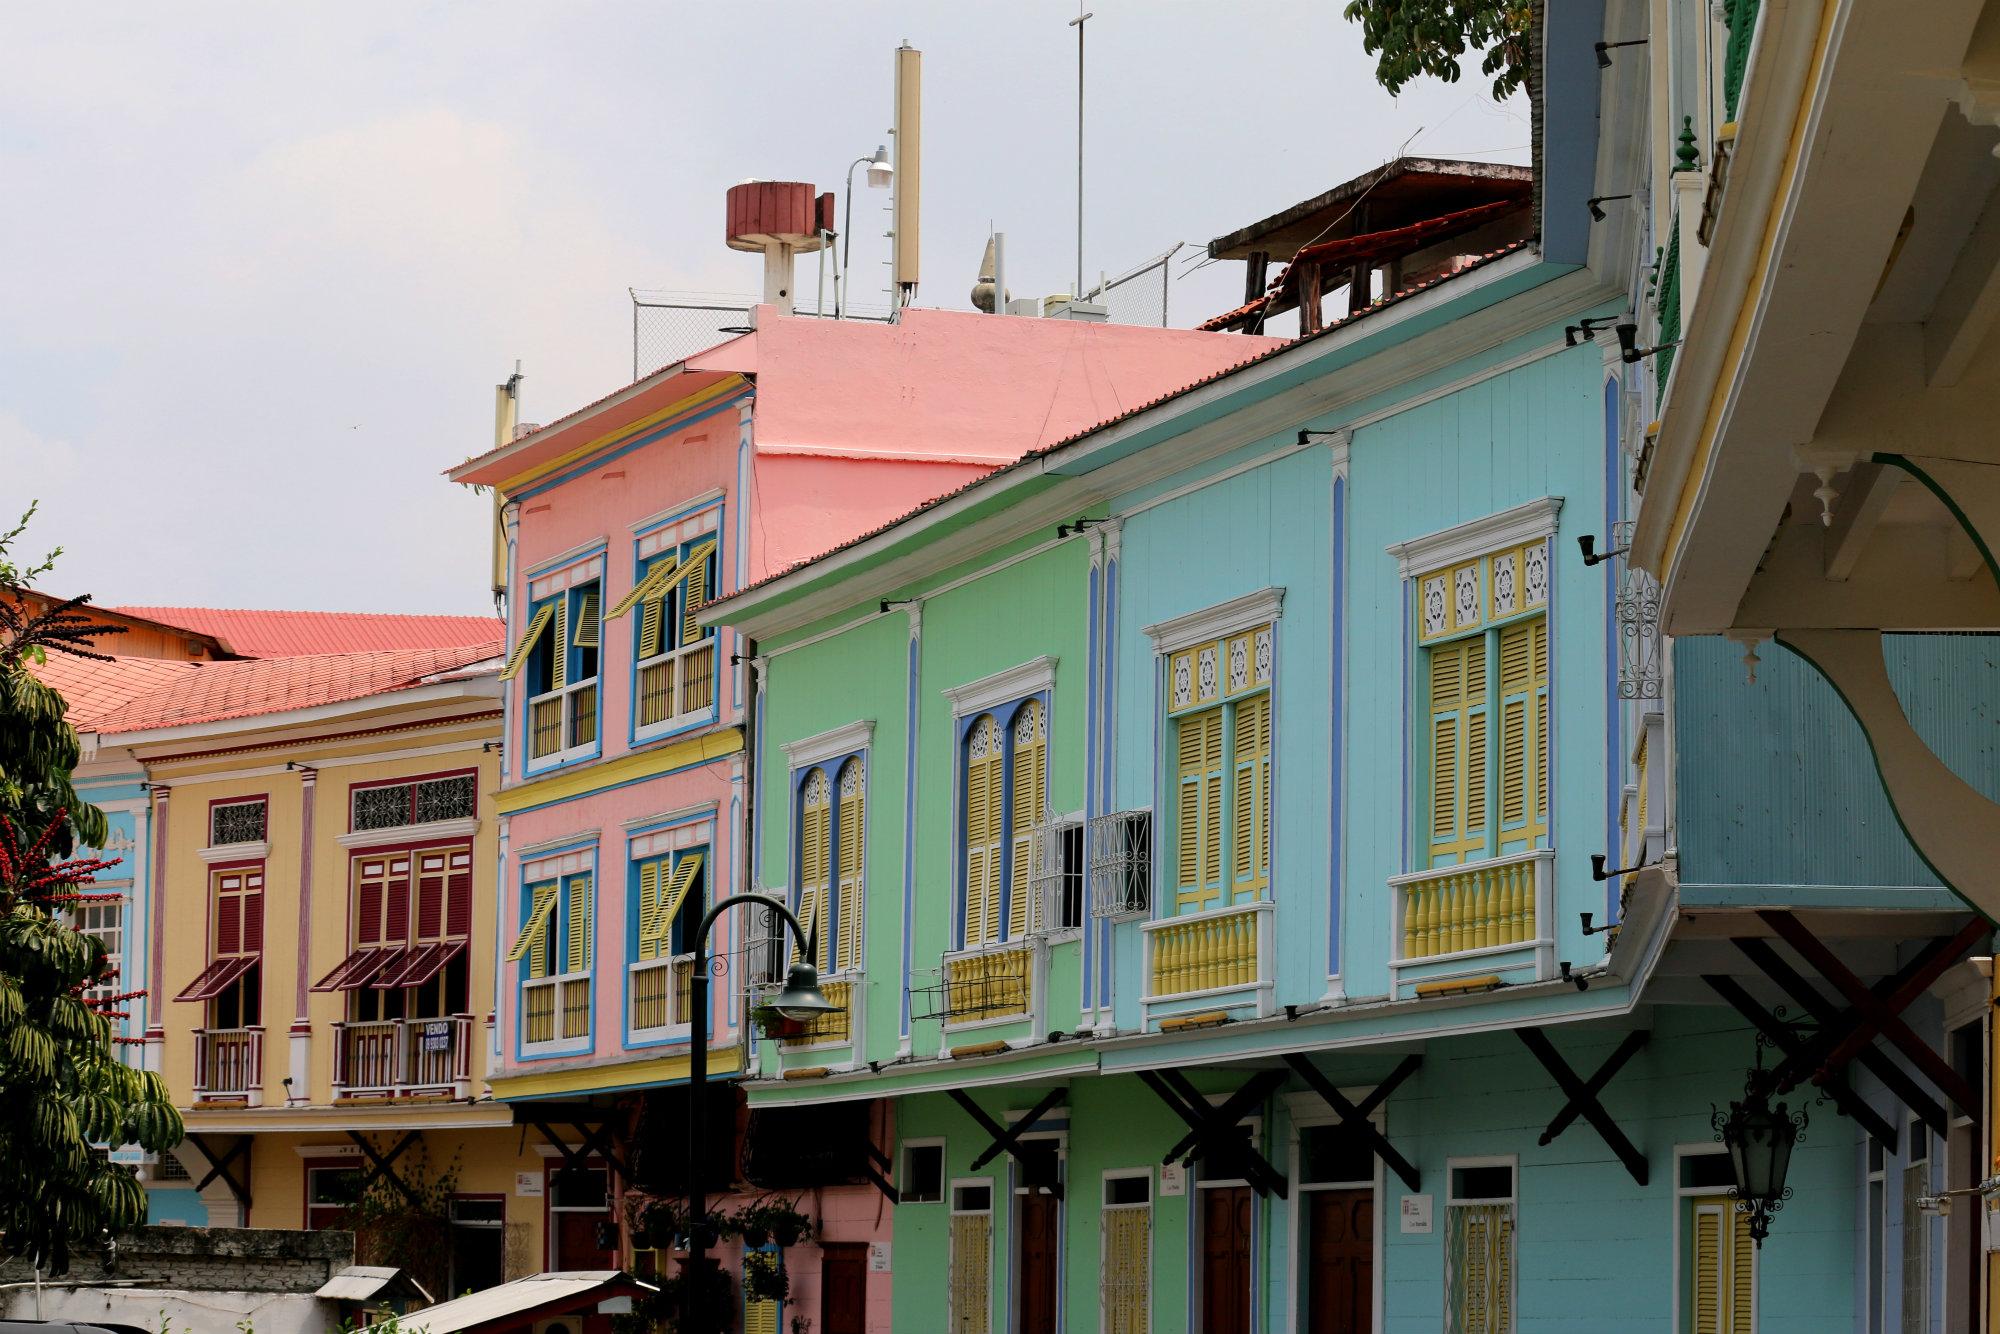 El barrio Las Peñas es el barrio más antiguo de Guayaquil. En los últimos años ha vivido un proceso de transformación para pasar a ser una de las principales atracciones de la ciudad.